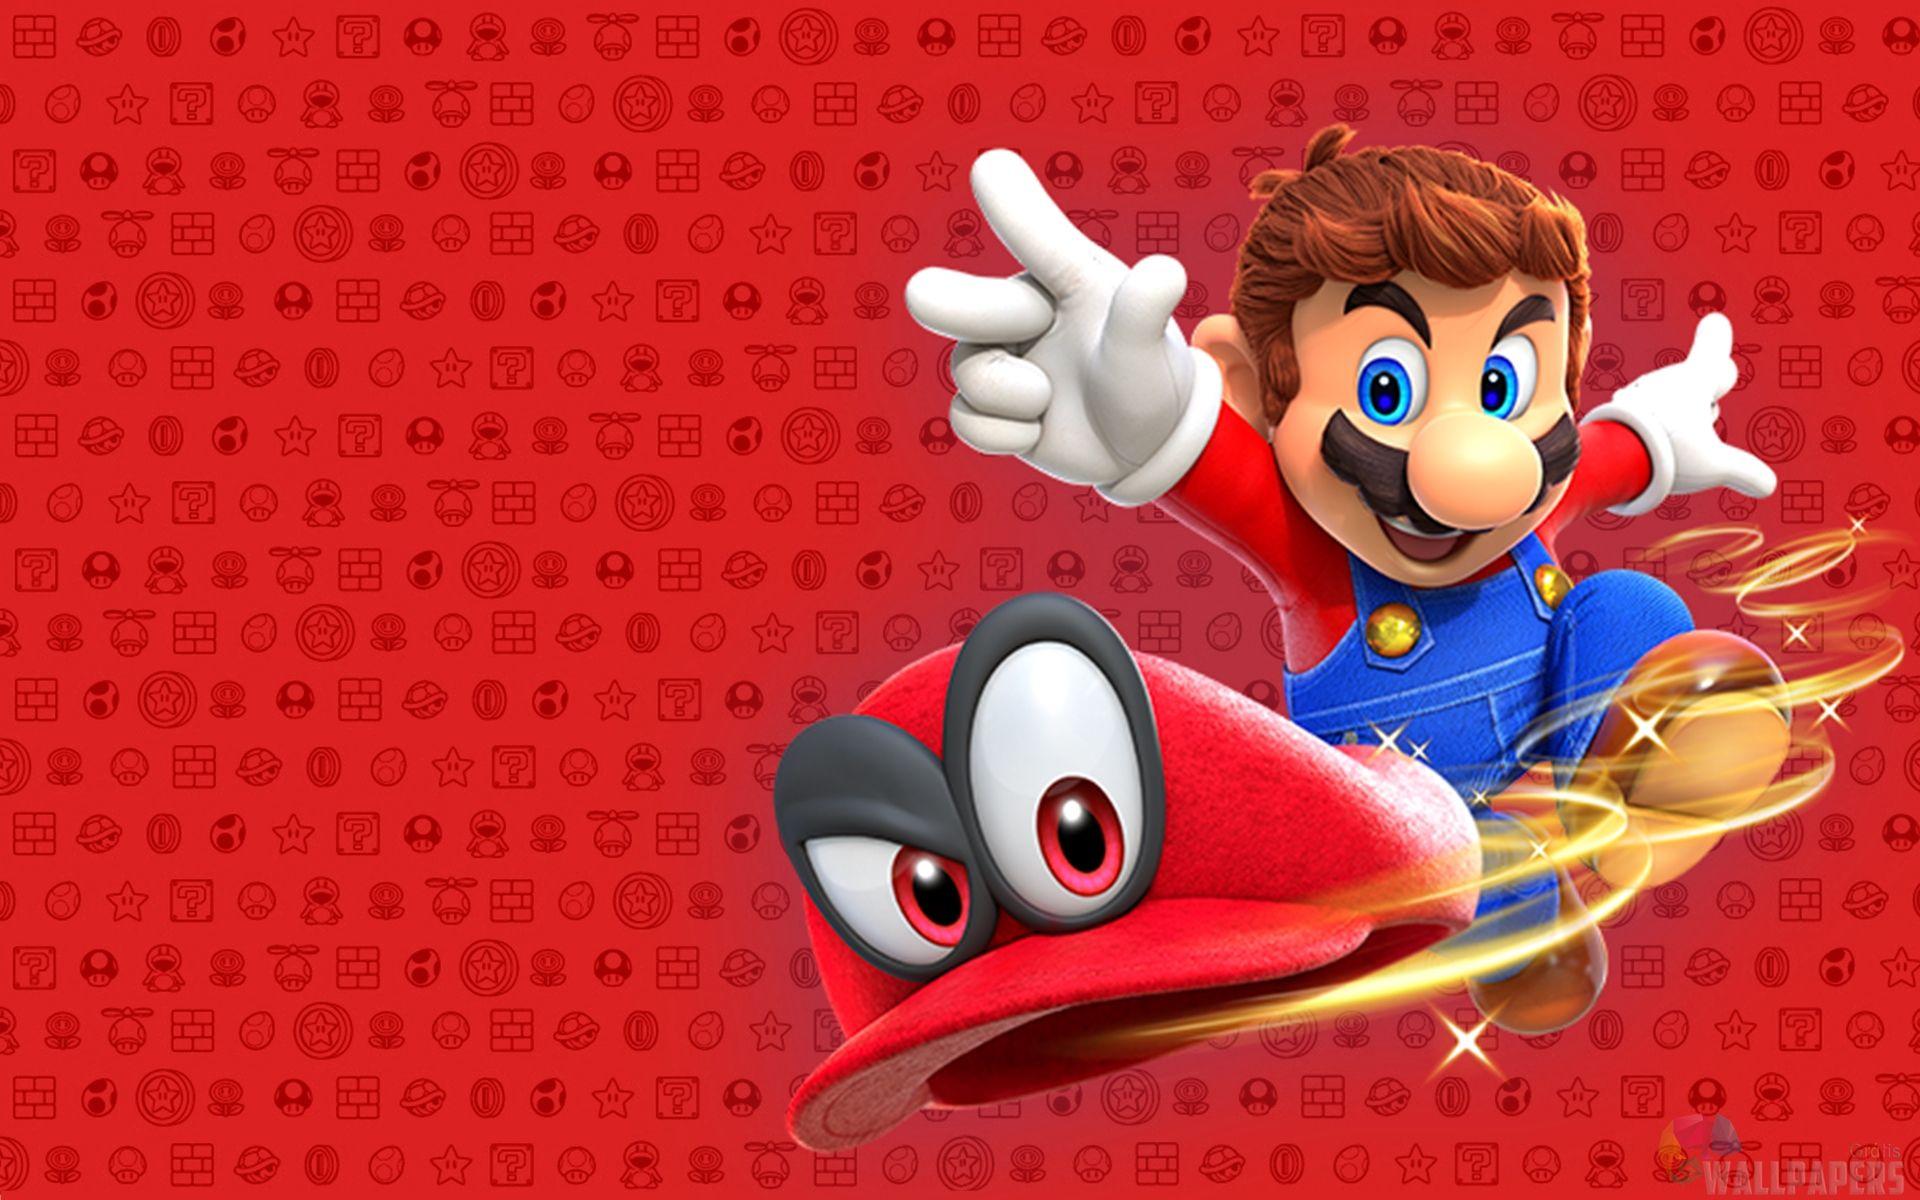 Papel De Parede Para Pc Jogos Super Mario Super Mario Papeis De Parede Mario